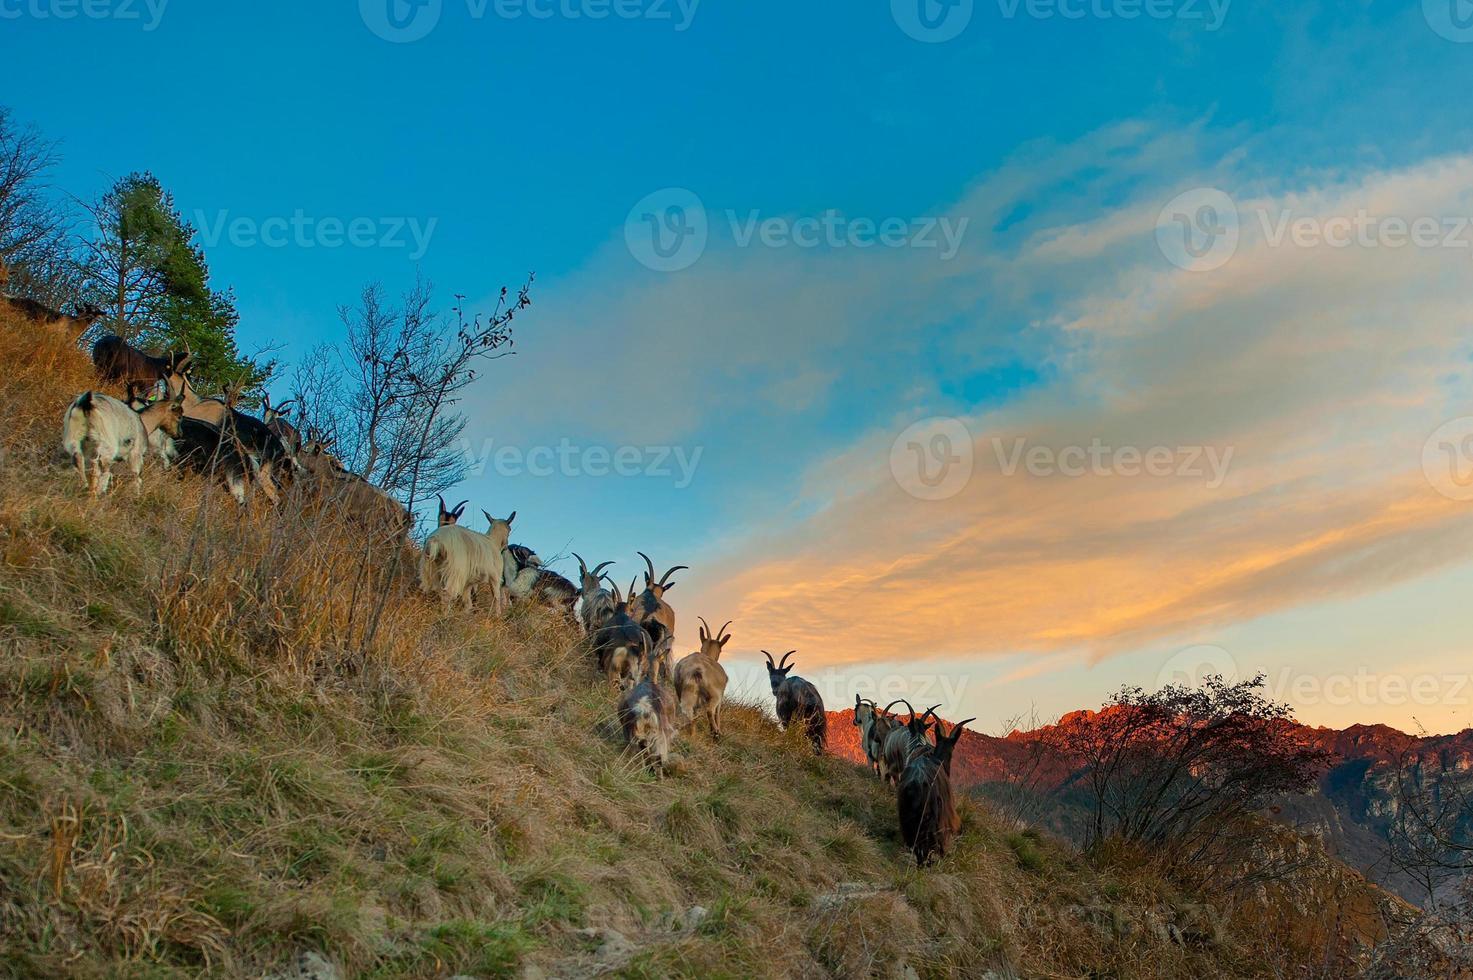 berggeiten in het laatste licht van de dag foto